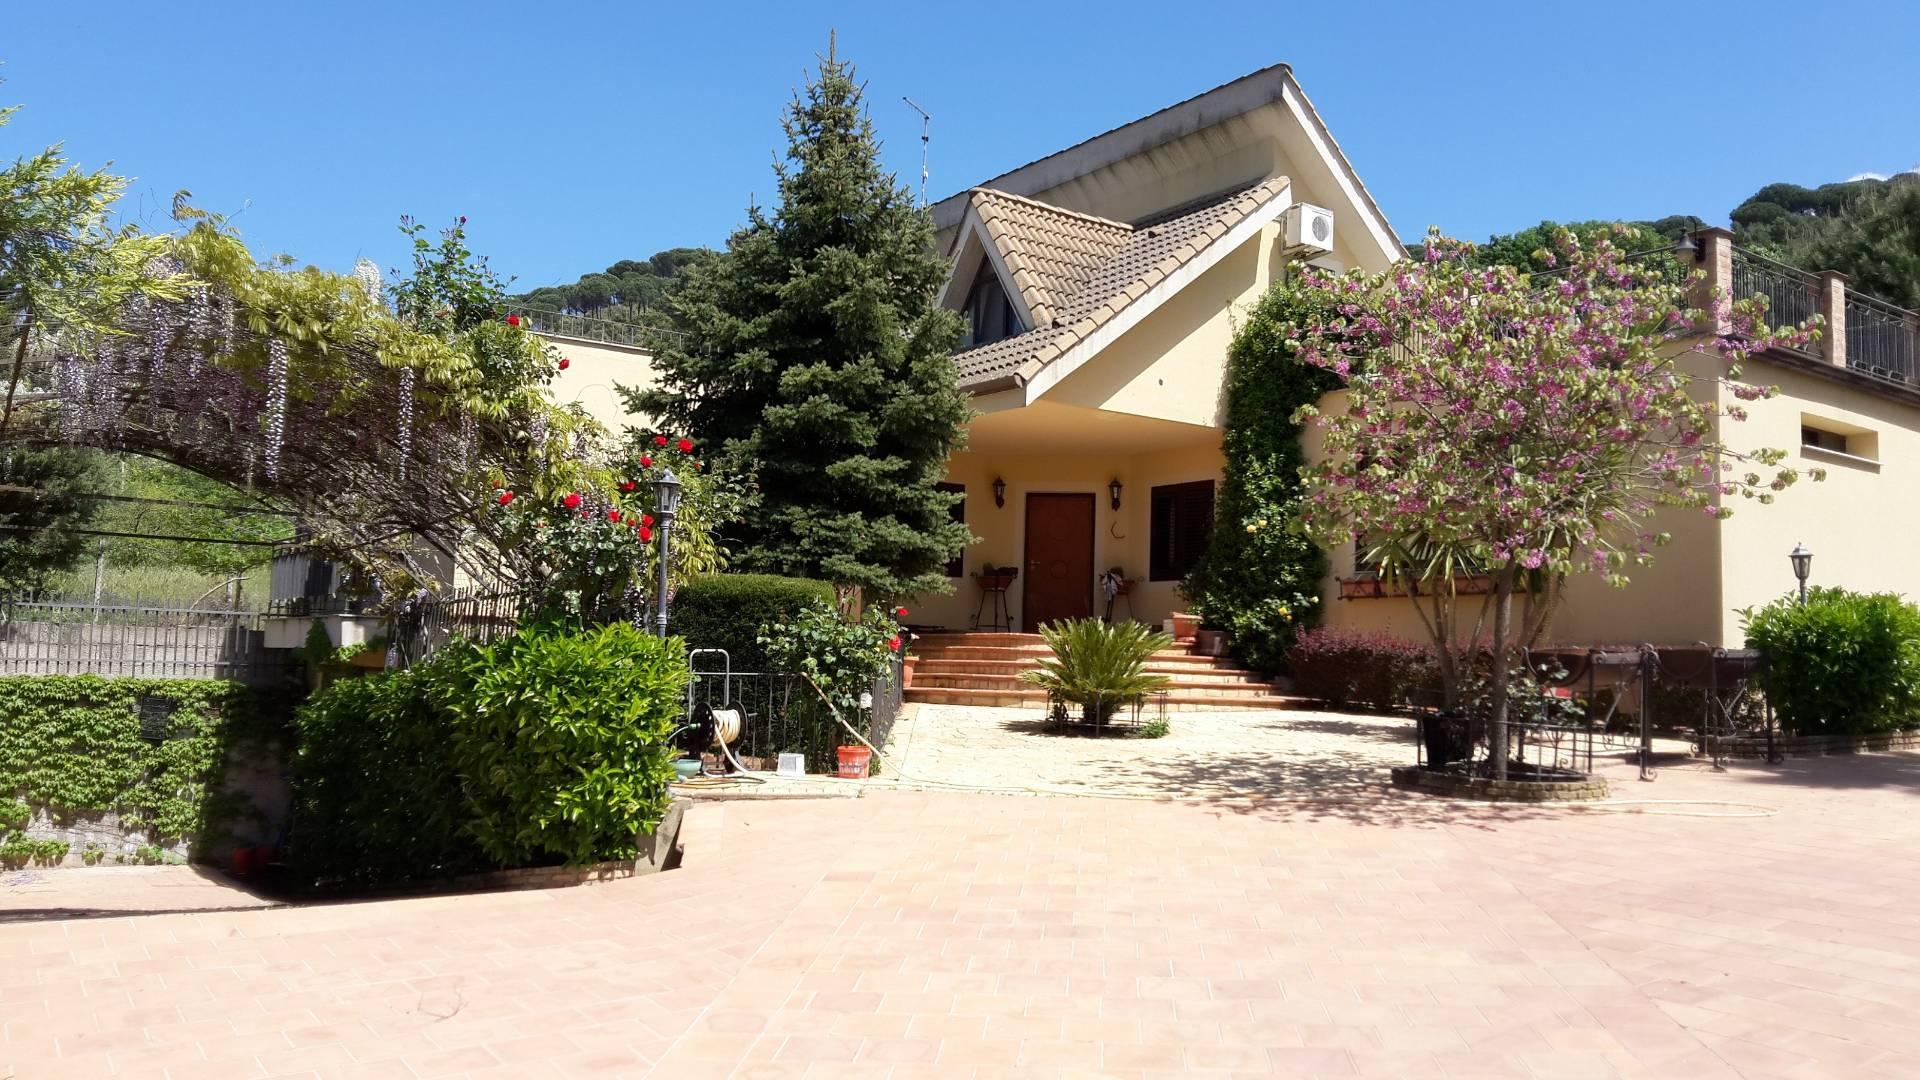 Villa in vendita a Piazza Armerina (EN)